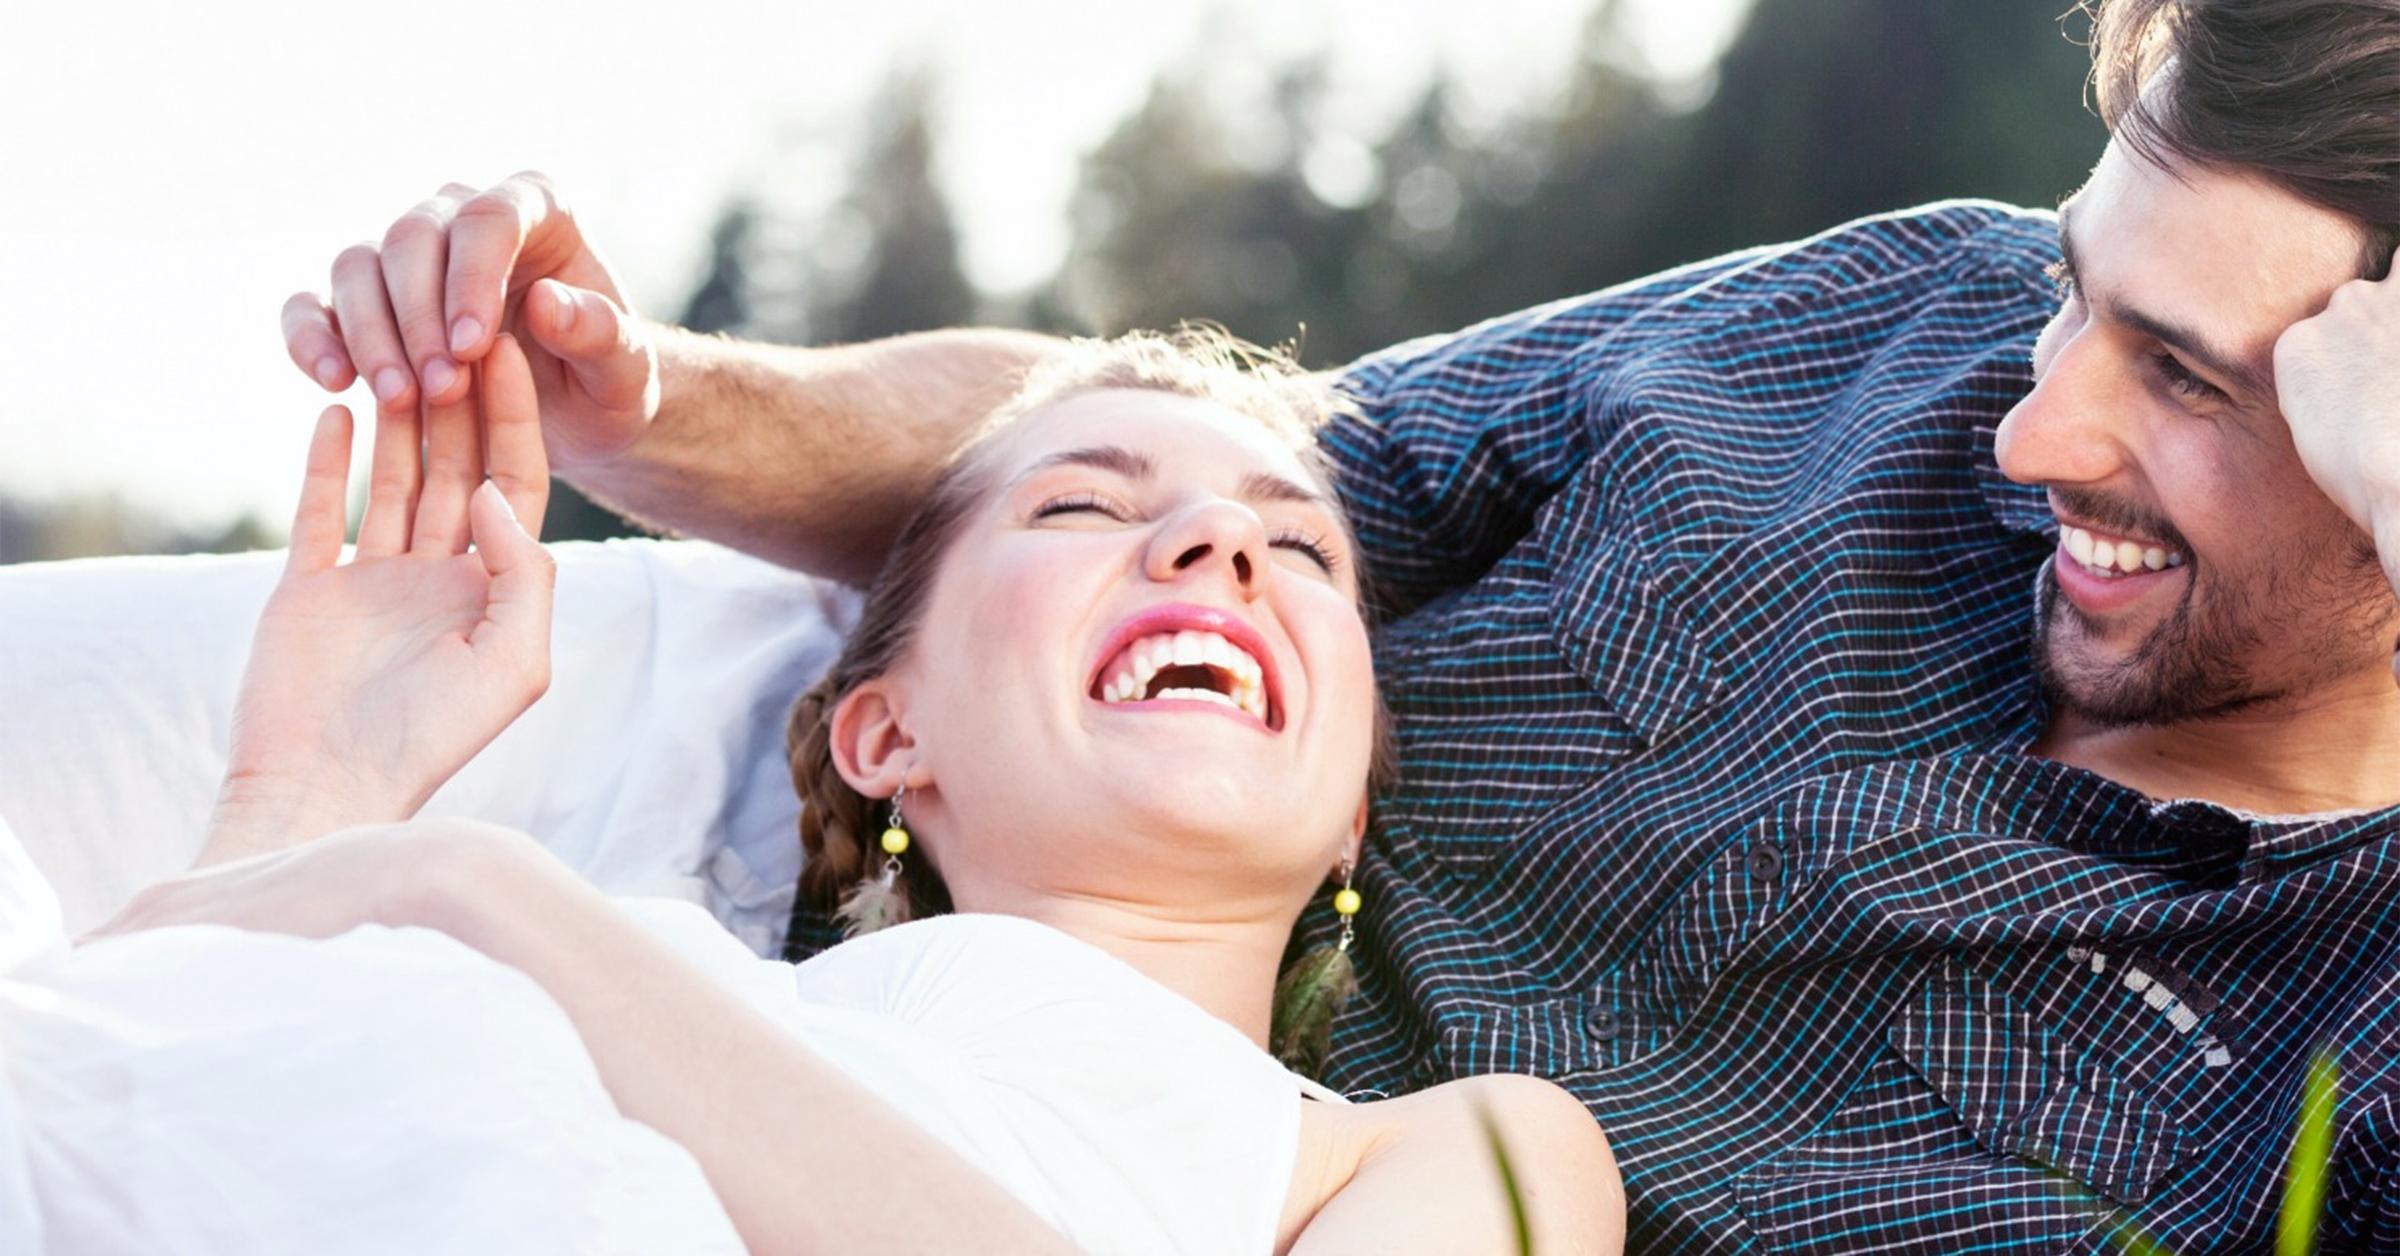 gode online dating budskaber eksempler igbo dating site uk